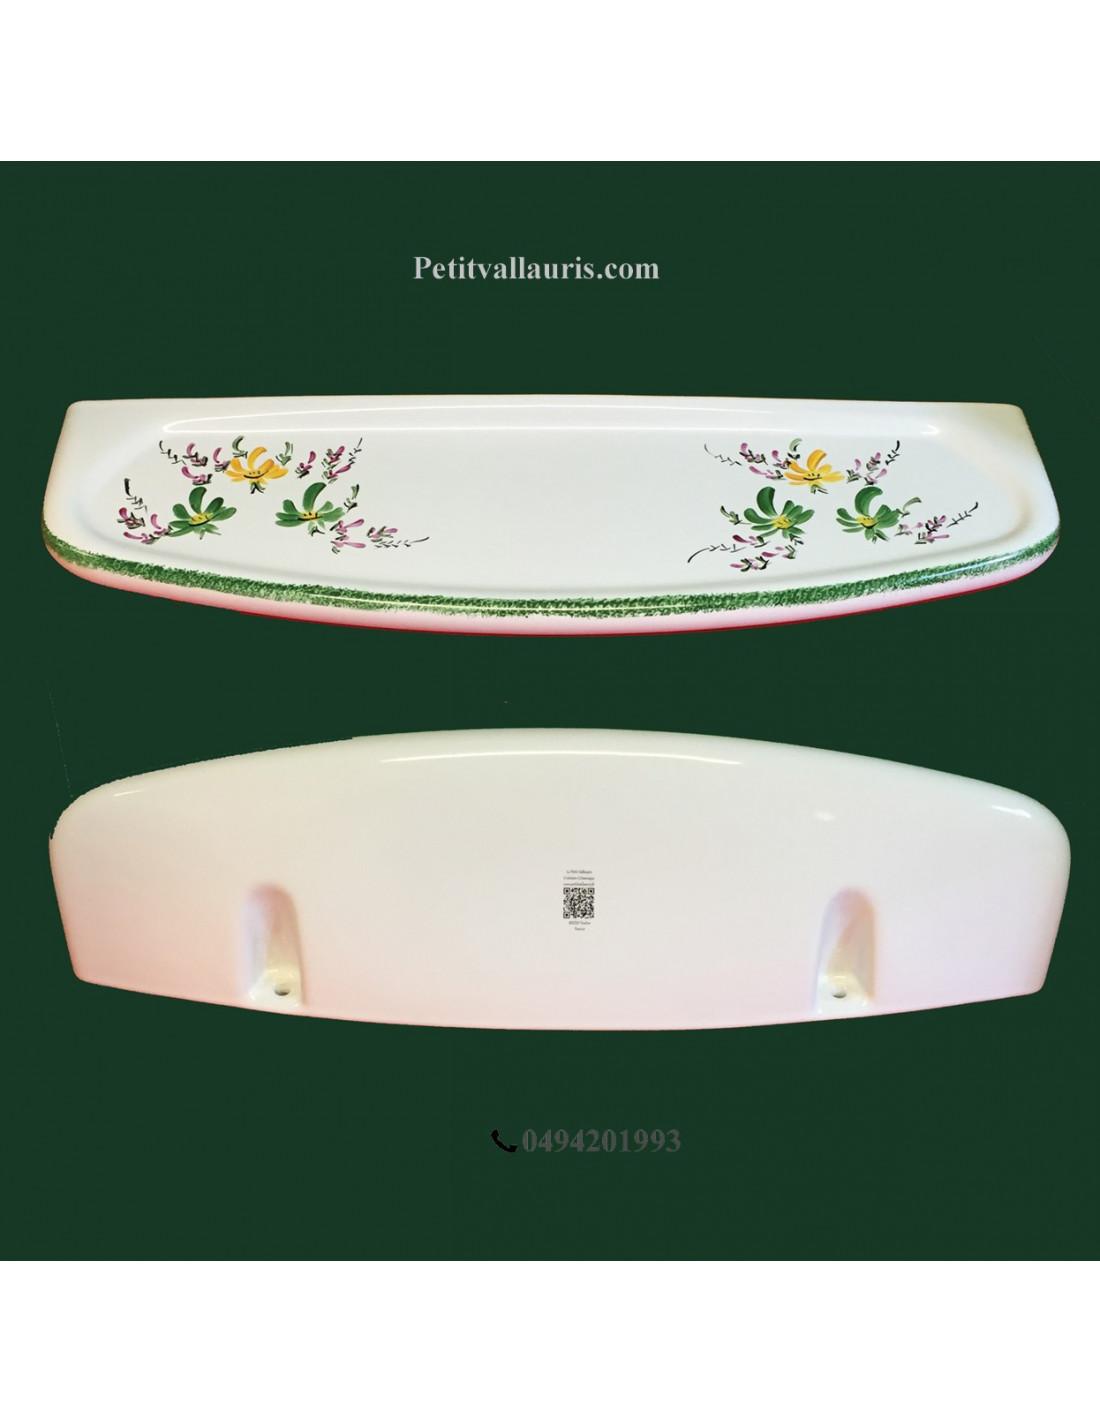 Tablette De Salle De Bain En Porcelaine D Cor Fleurs Vertes Et Jaunes Orang Es Le Petit Vallauris